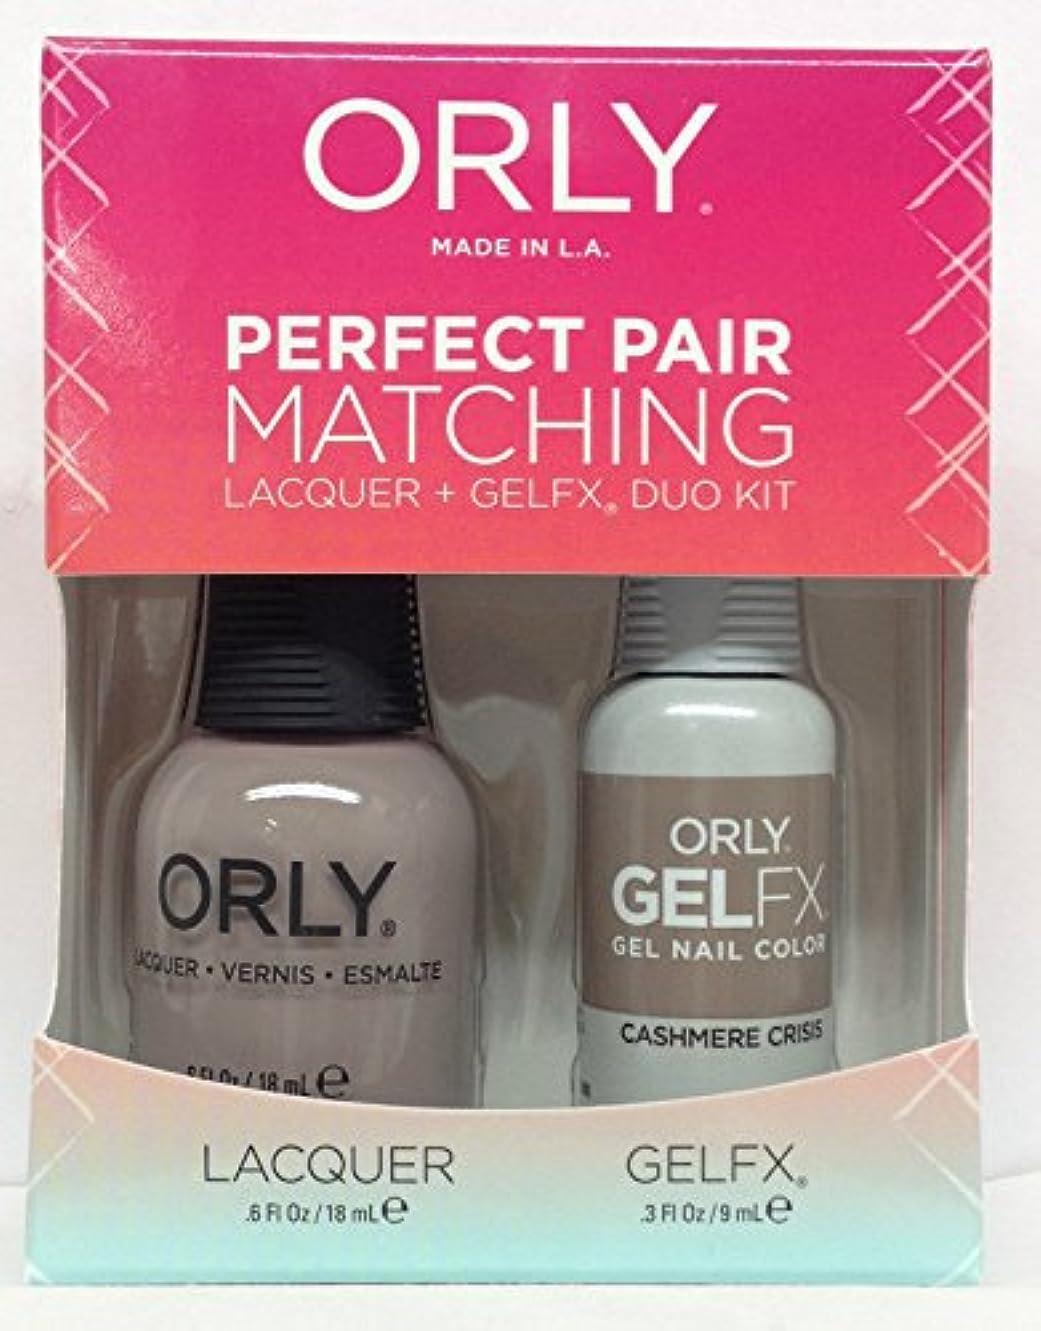 精神そっと信じられないOrly - Perfect Pair Matching Lacquer + GelFX Kit - Cashmere Crisis - 0.6 oz / 0.3 oz